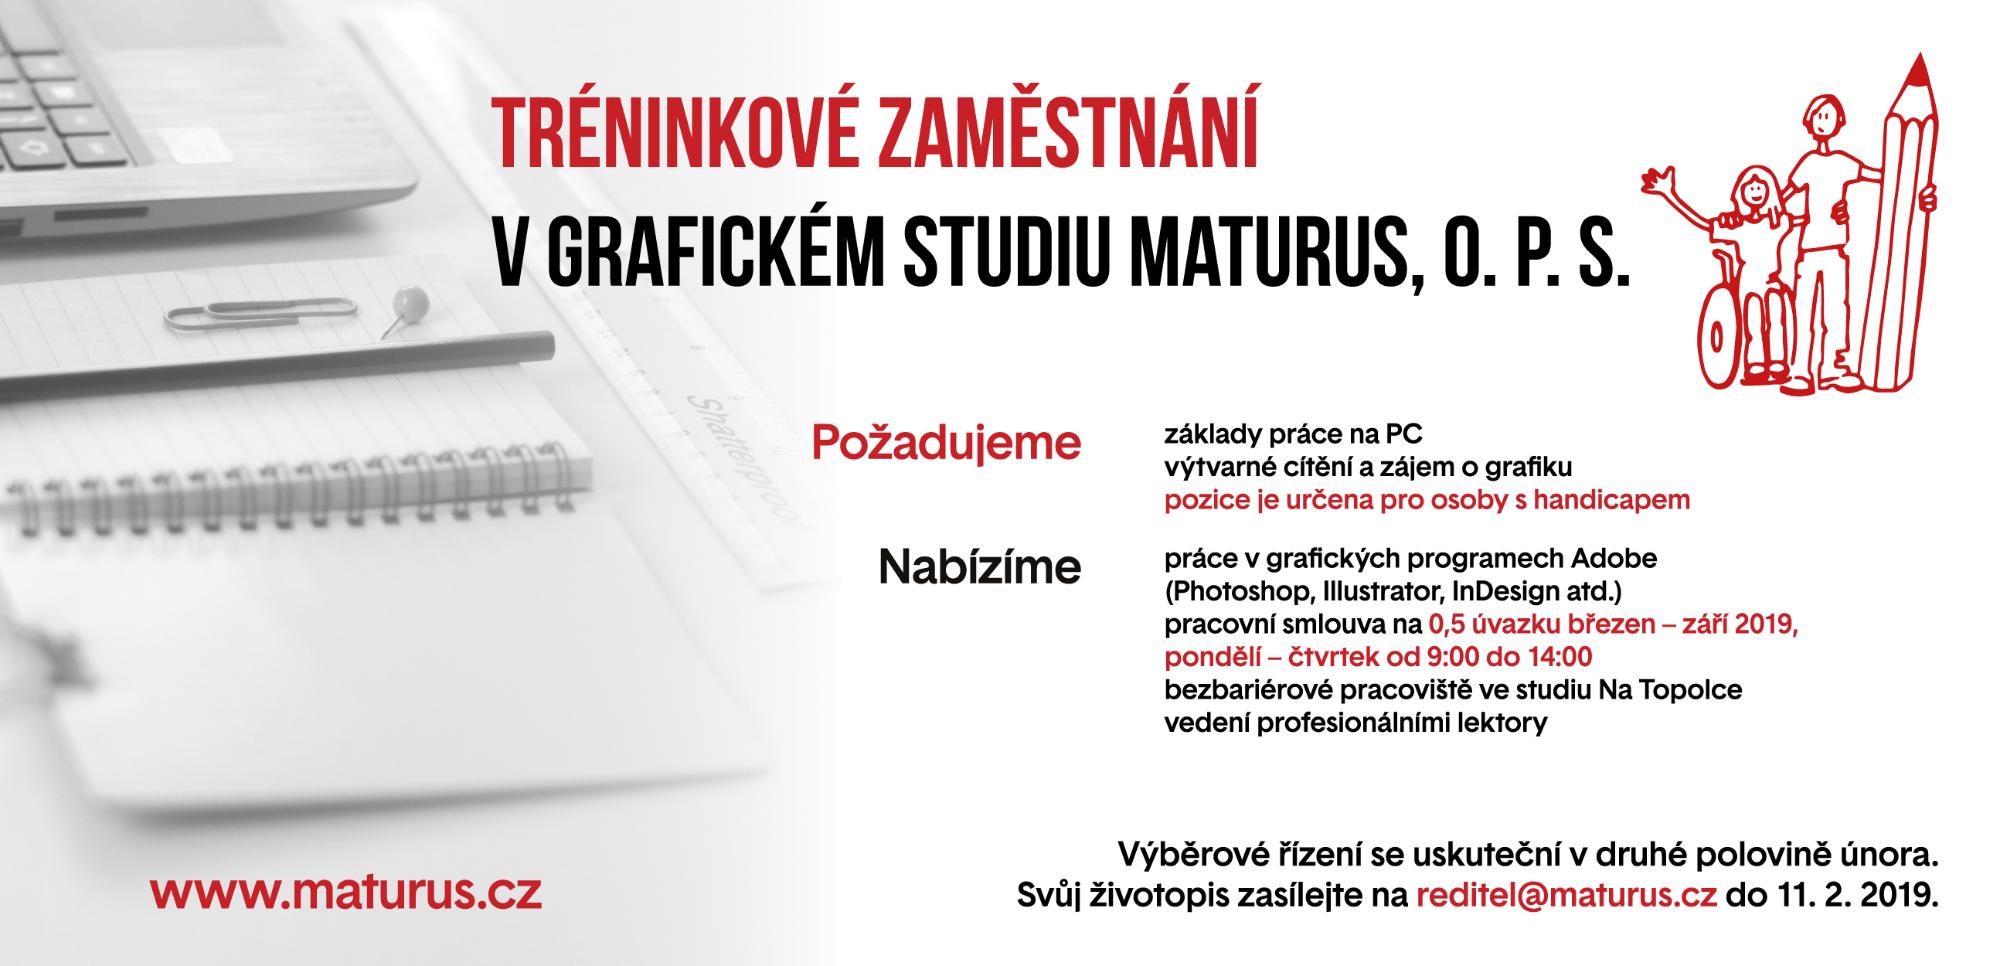 trenink-inzerat-2019.png